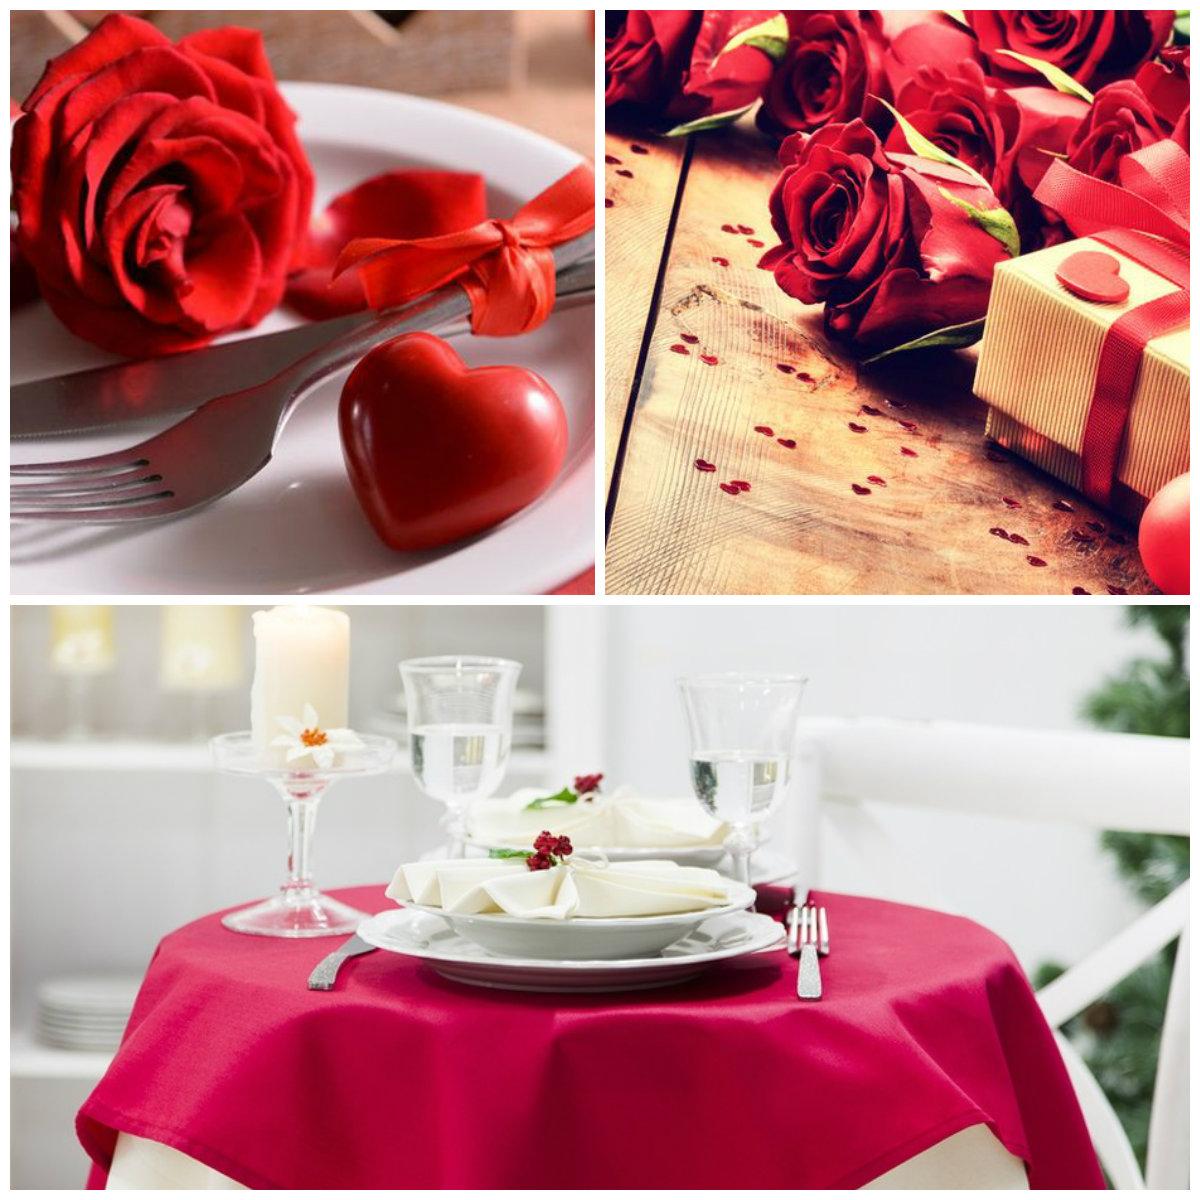 idee romantiche tavolo cuori posate bicchieri